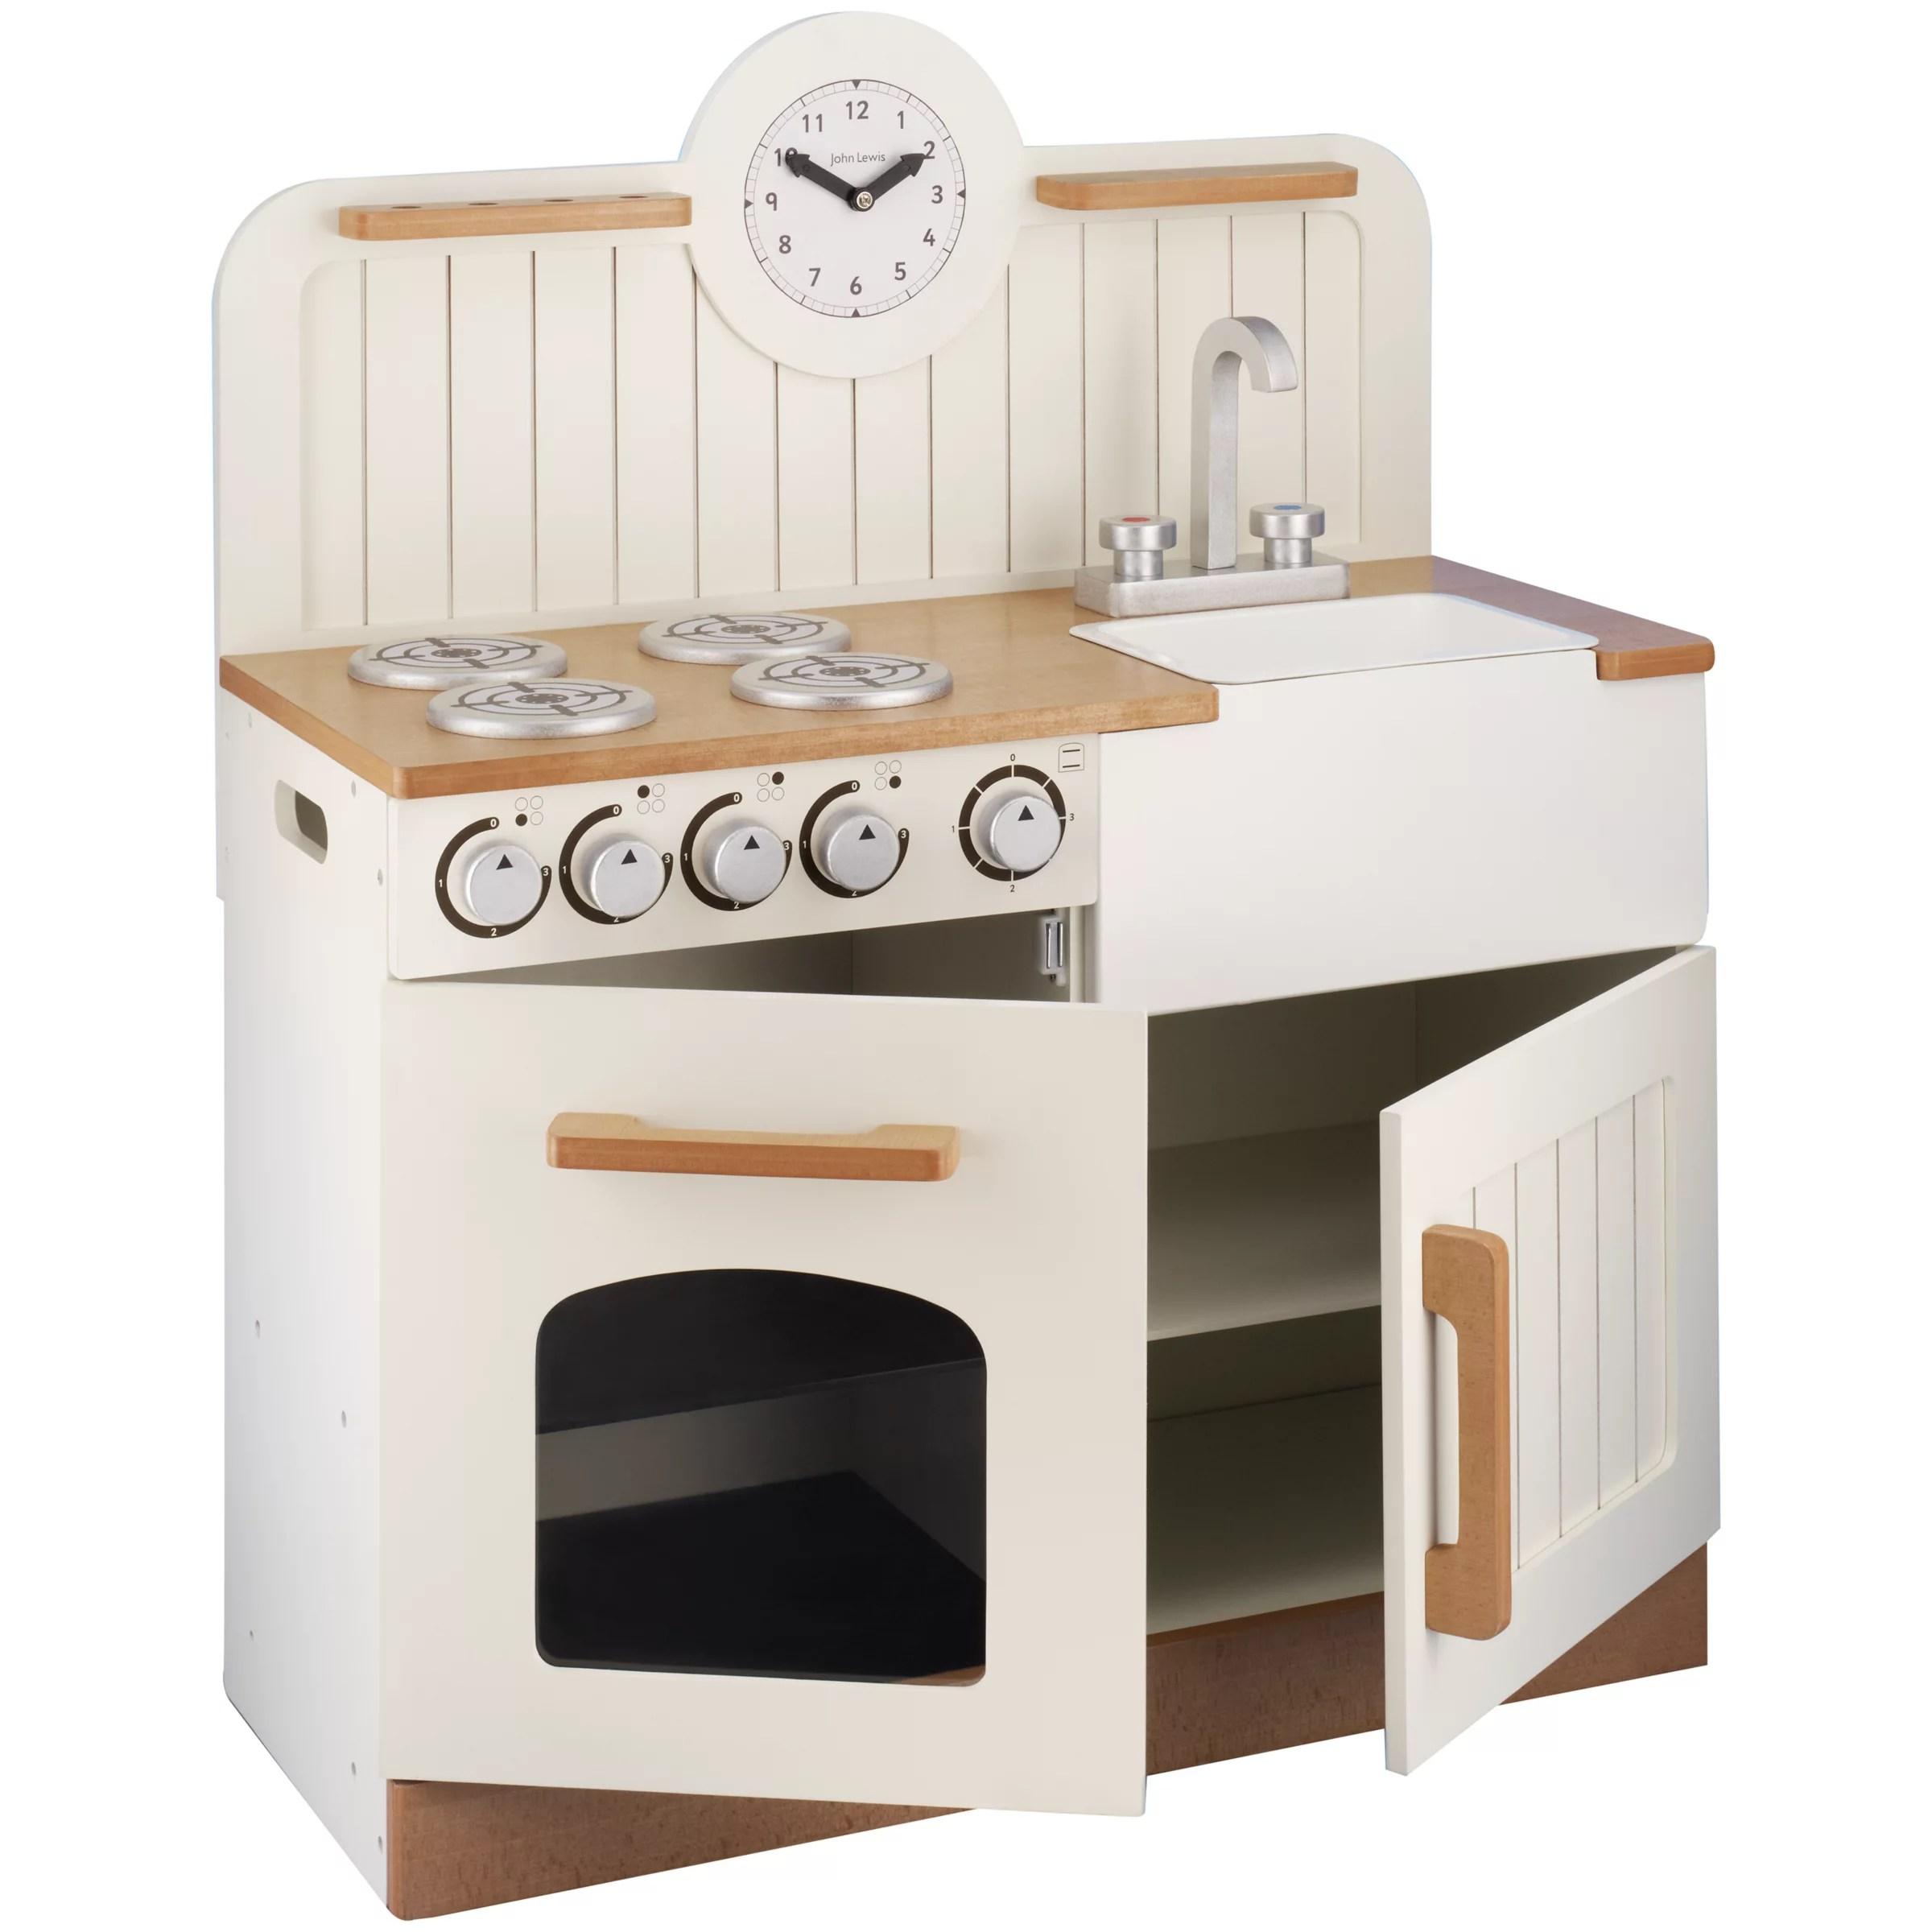 Buy John Lewis Country Play Wooden Kitchen  John Lewis